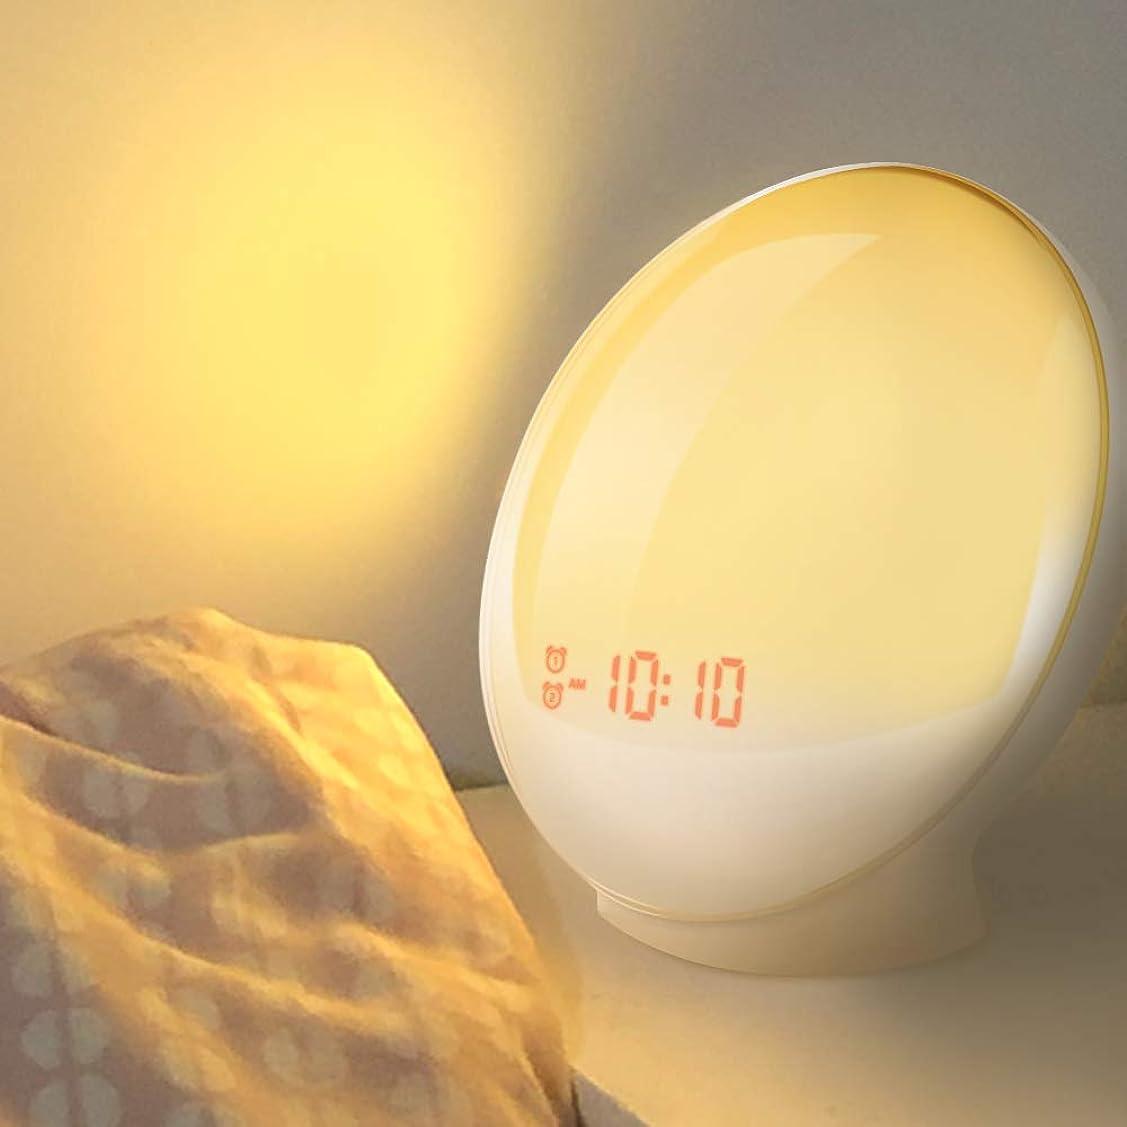 屋内でつなぐ砲撃目覚まし時計を目覚めると 目覚まし時計の光デジタルスヌーズ自然な夜の光時計の日の出カラフルな光と自然音FMラジオ,B